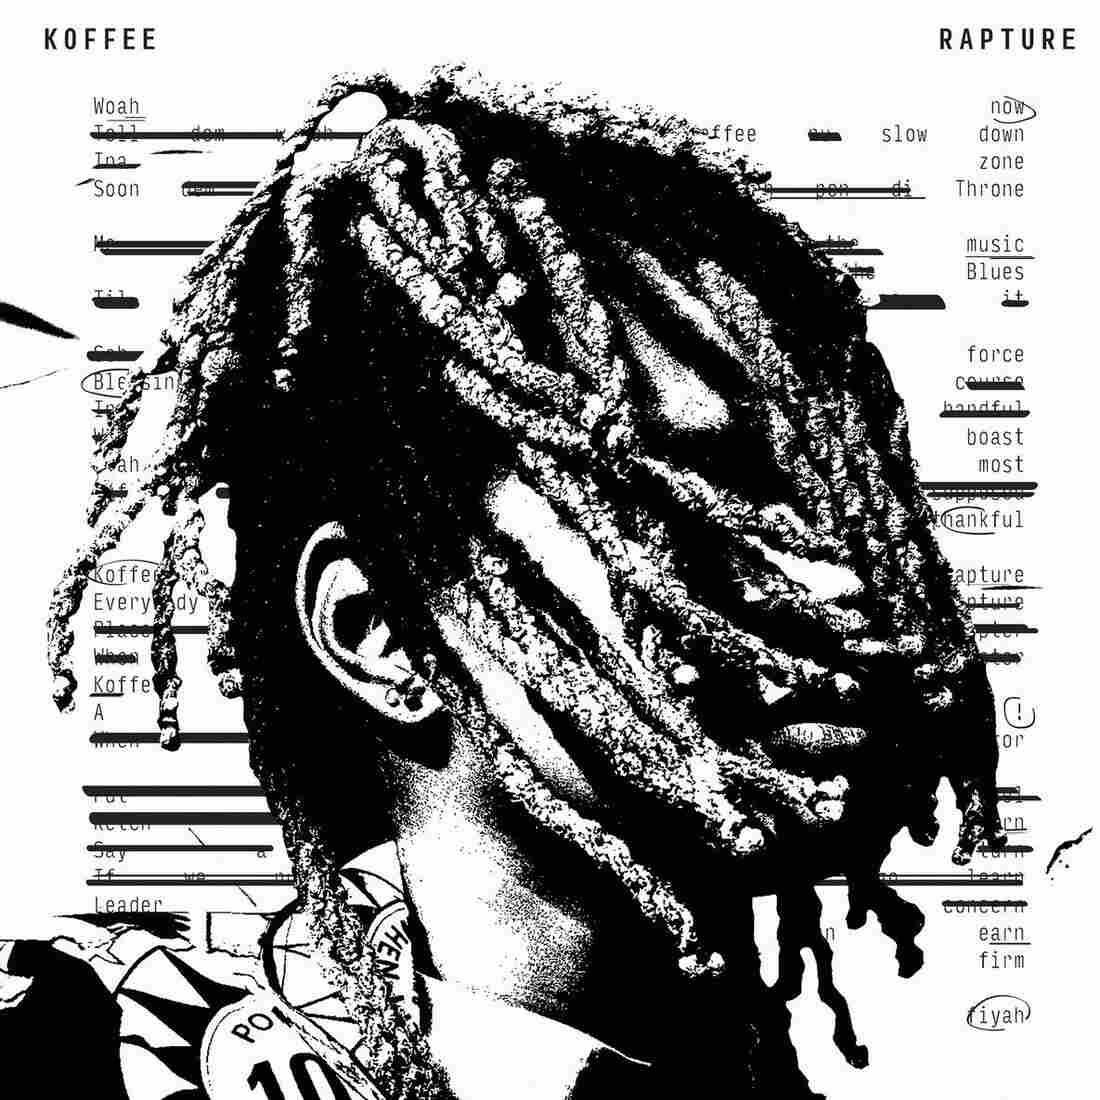 Koffee, Rapture